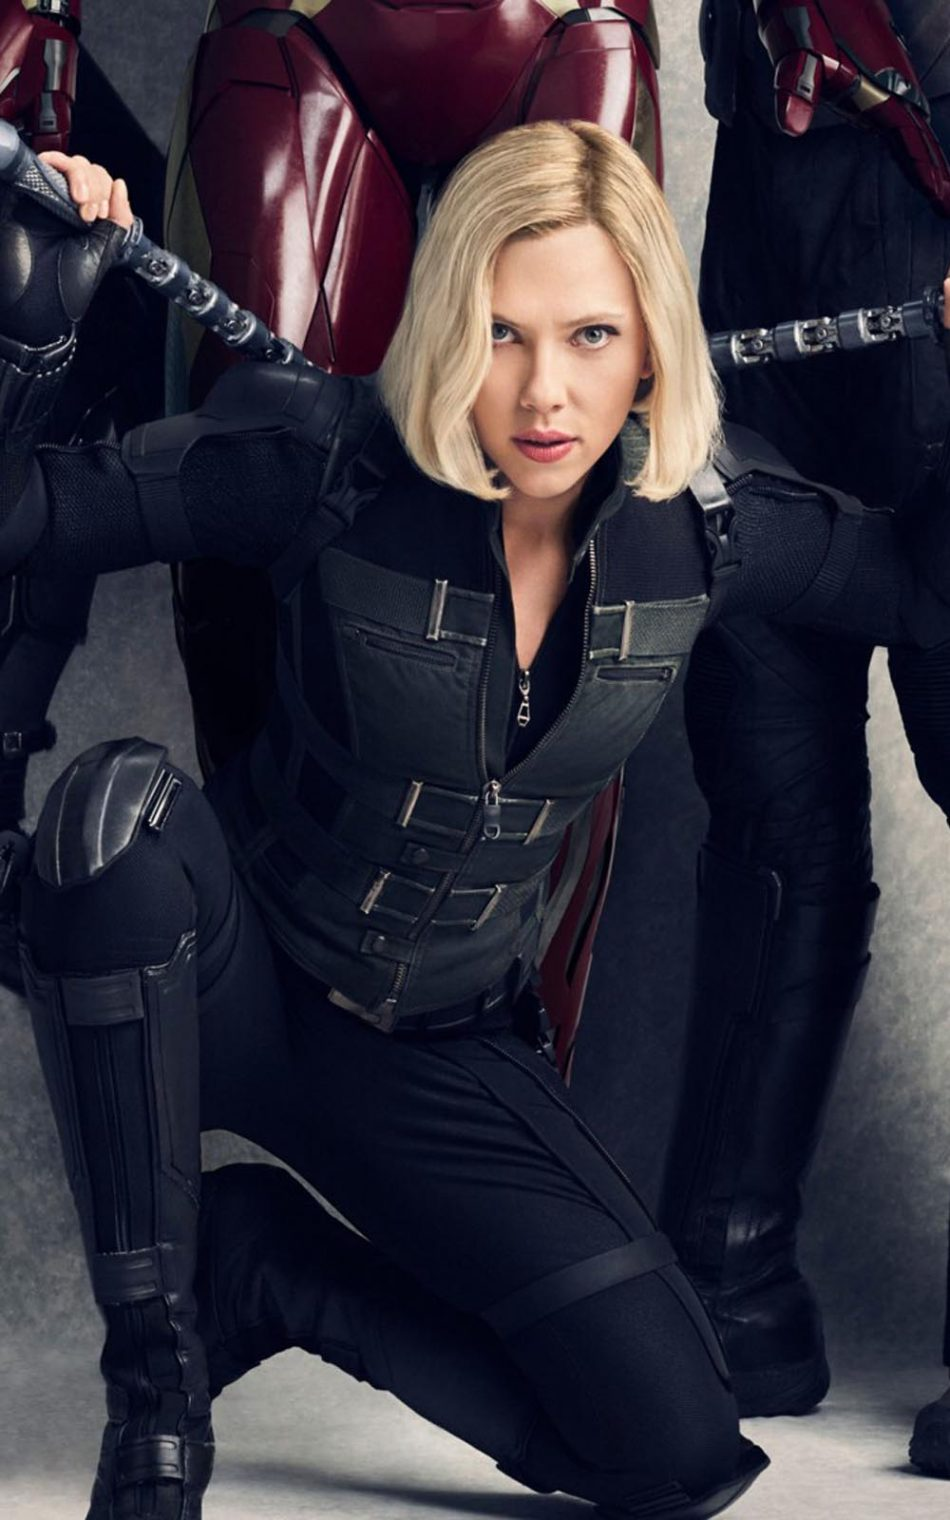 Download Scarlett Johansson In Avengers Infinity War Pure 4K 950x1520